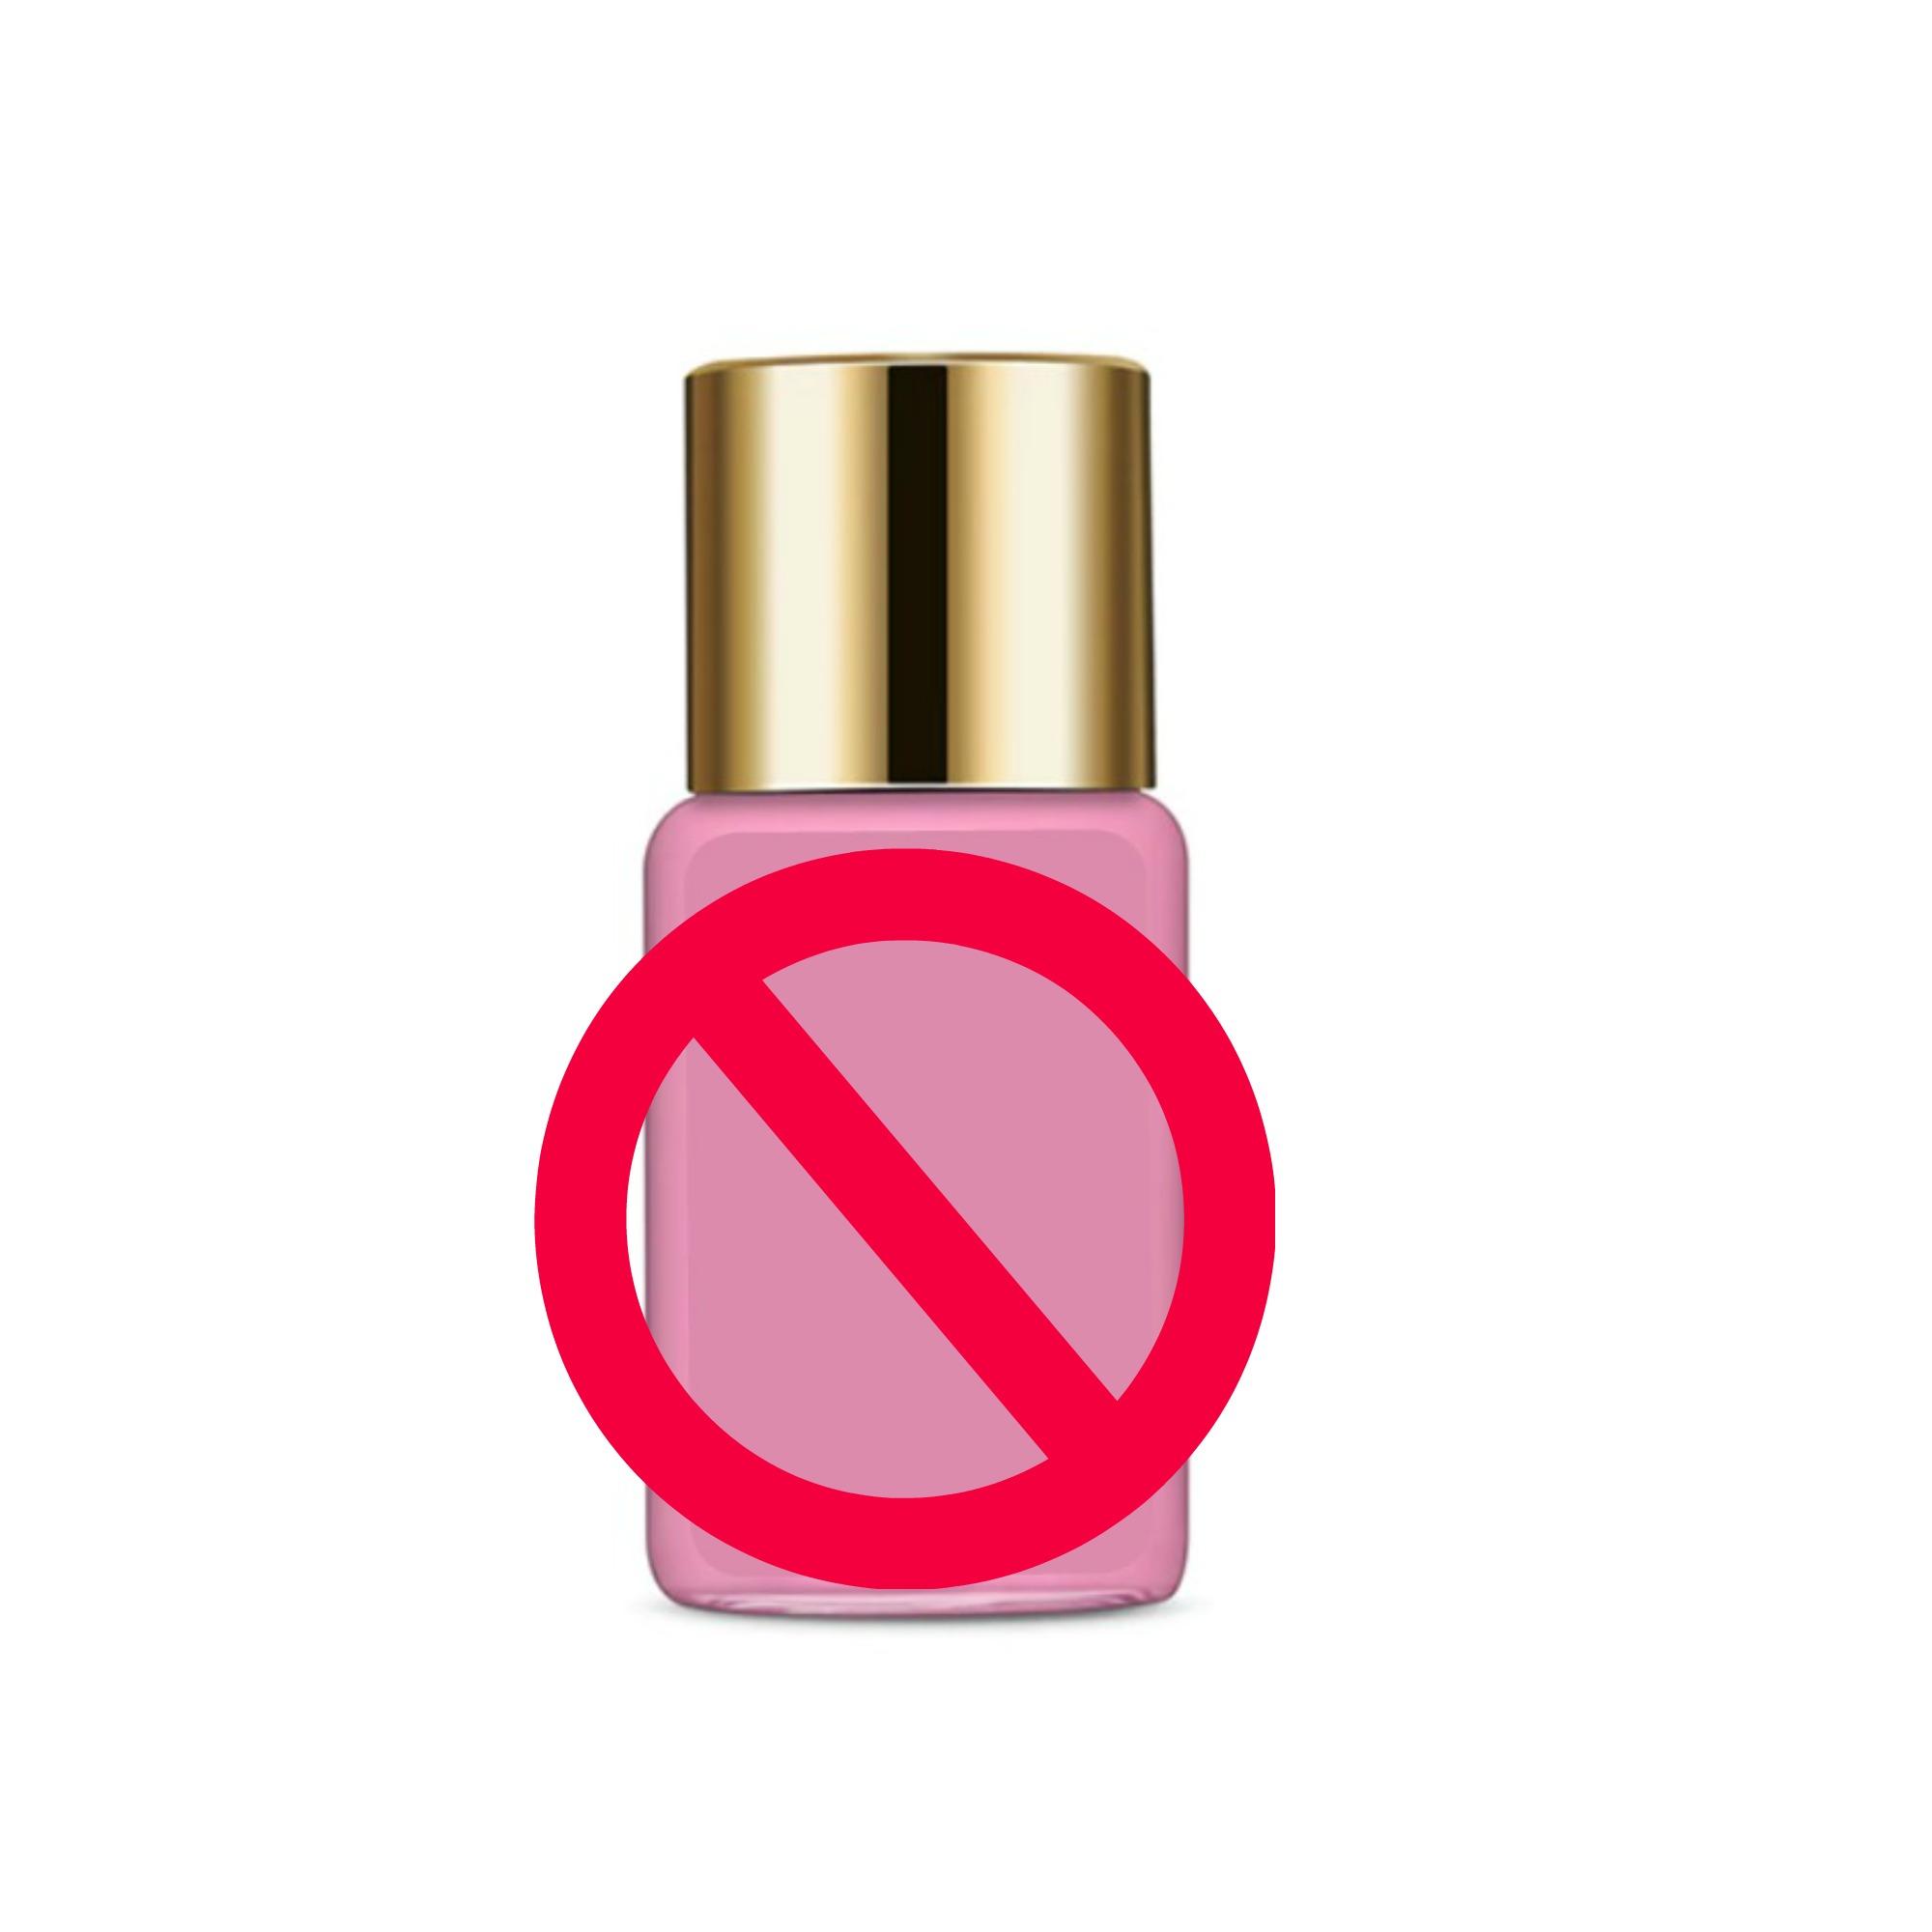 do-not-use-bottle-perm-cream.jpg